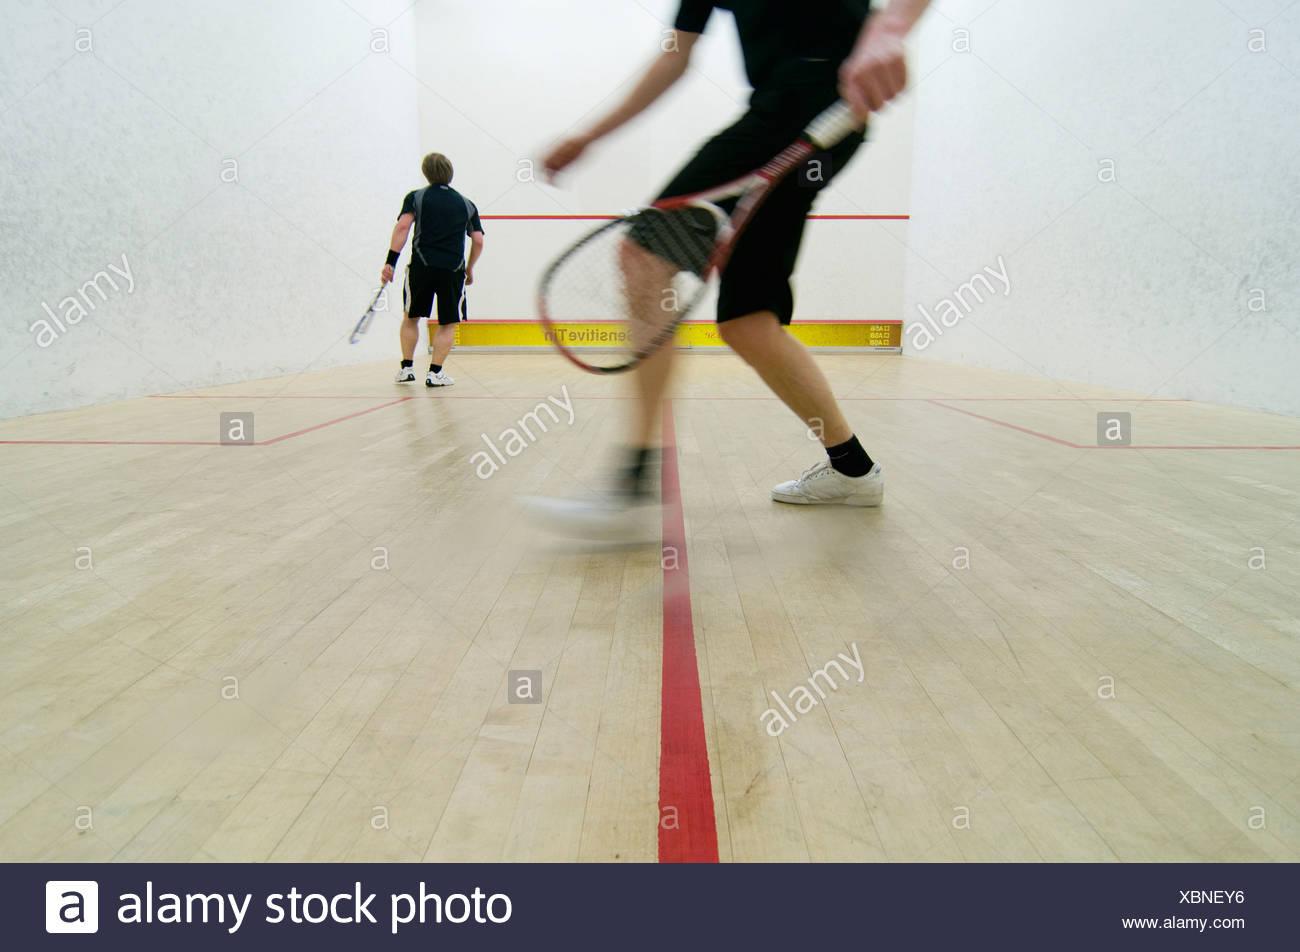 Zwei Männer spielen squash Stockfoto